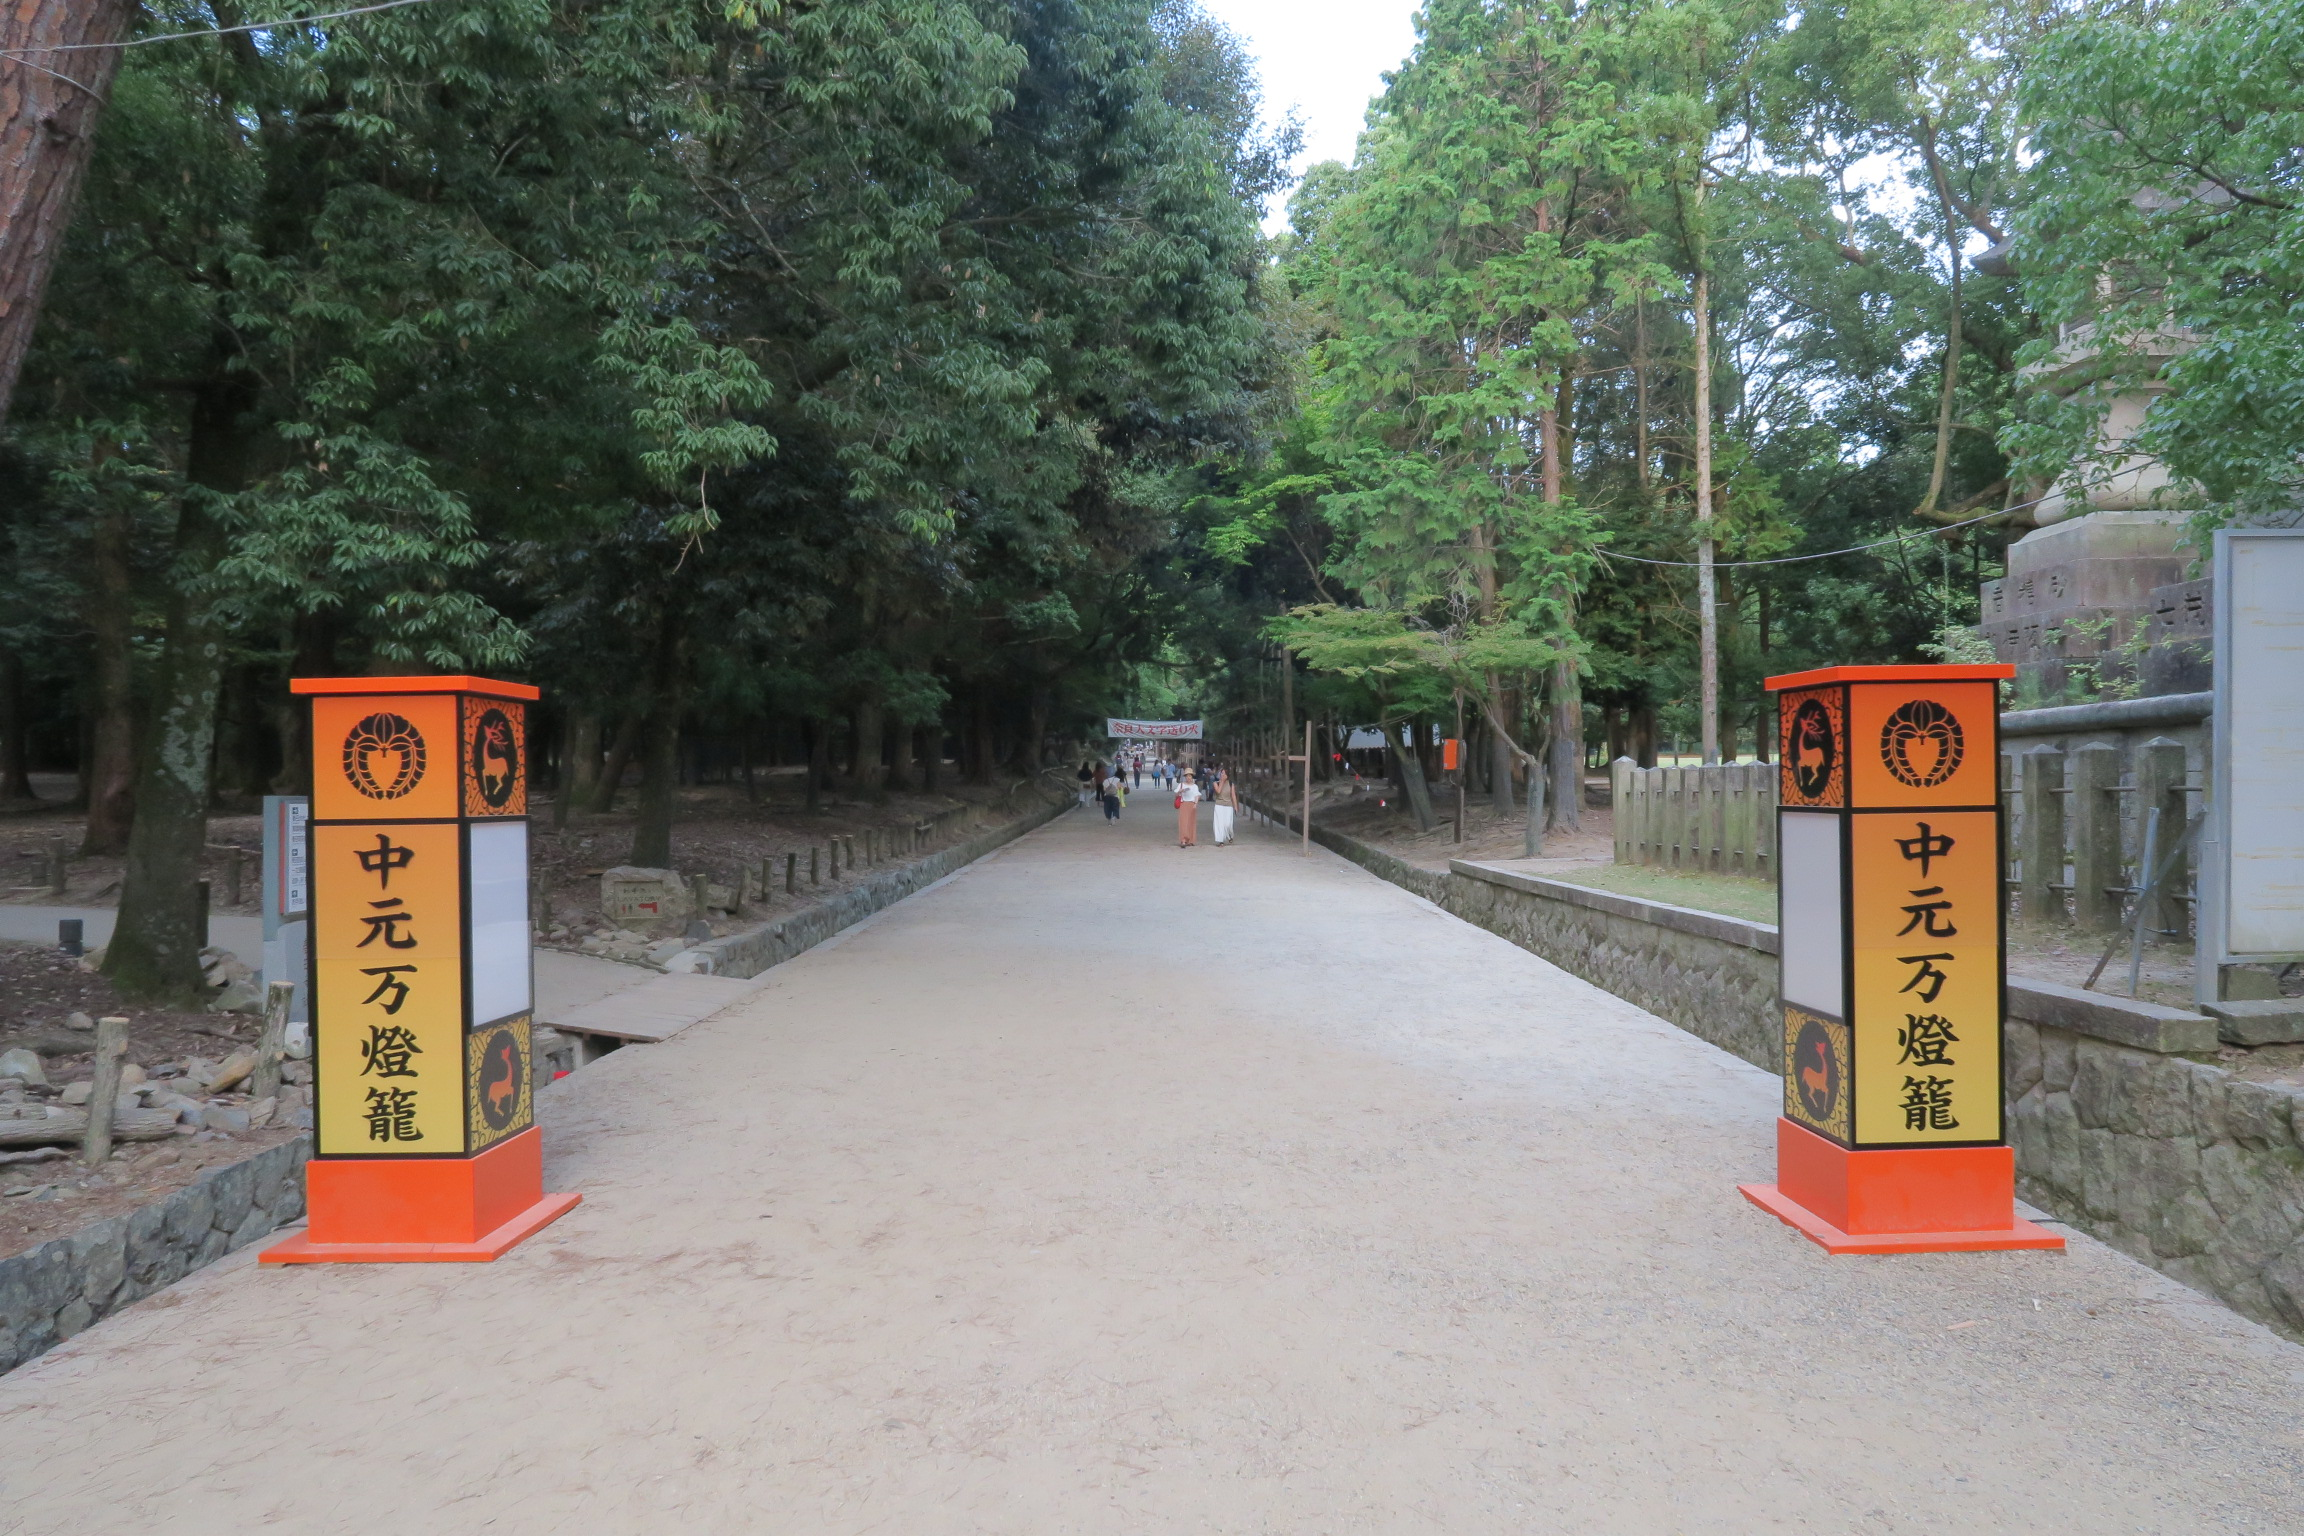 鶴の茶屋前の横断歩道を渡り、すぐ左手にトイレがあります。